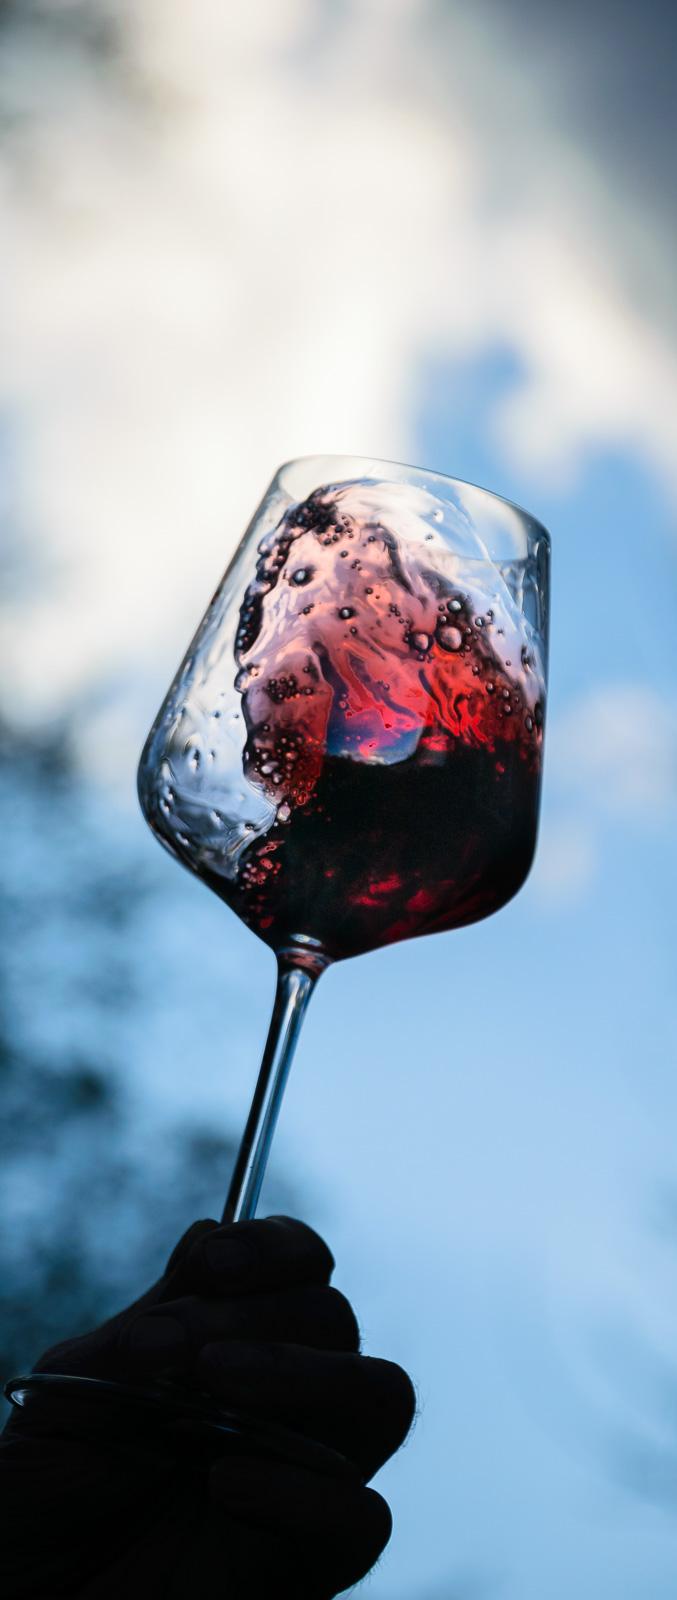 Ein Glas mit Rotwein wird am Abend vorm blauen und bewölkten Himmel geschwenkt.